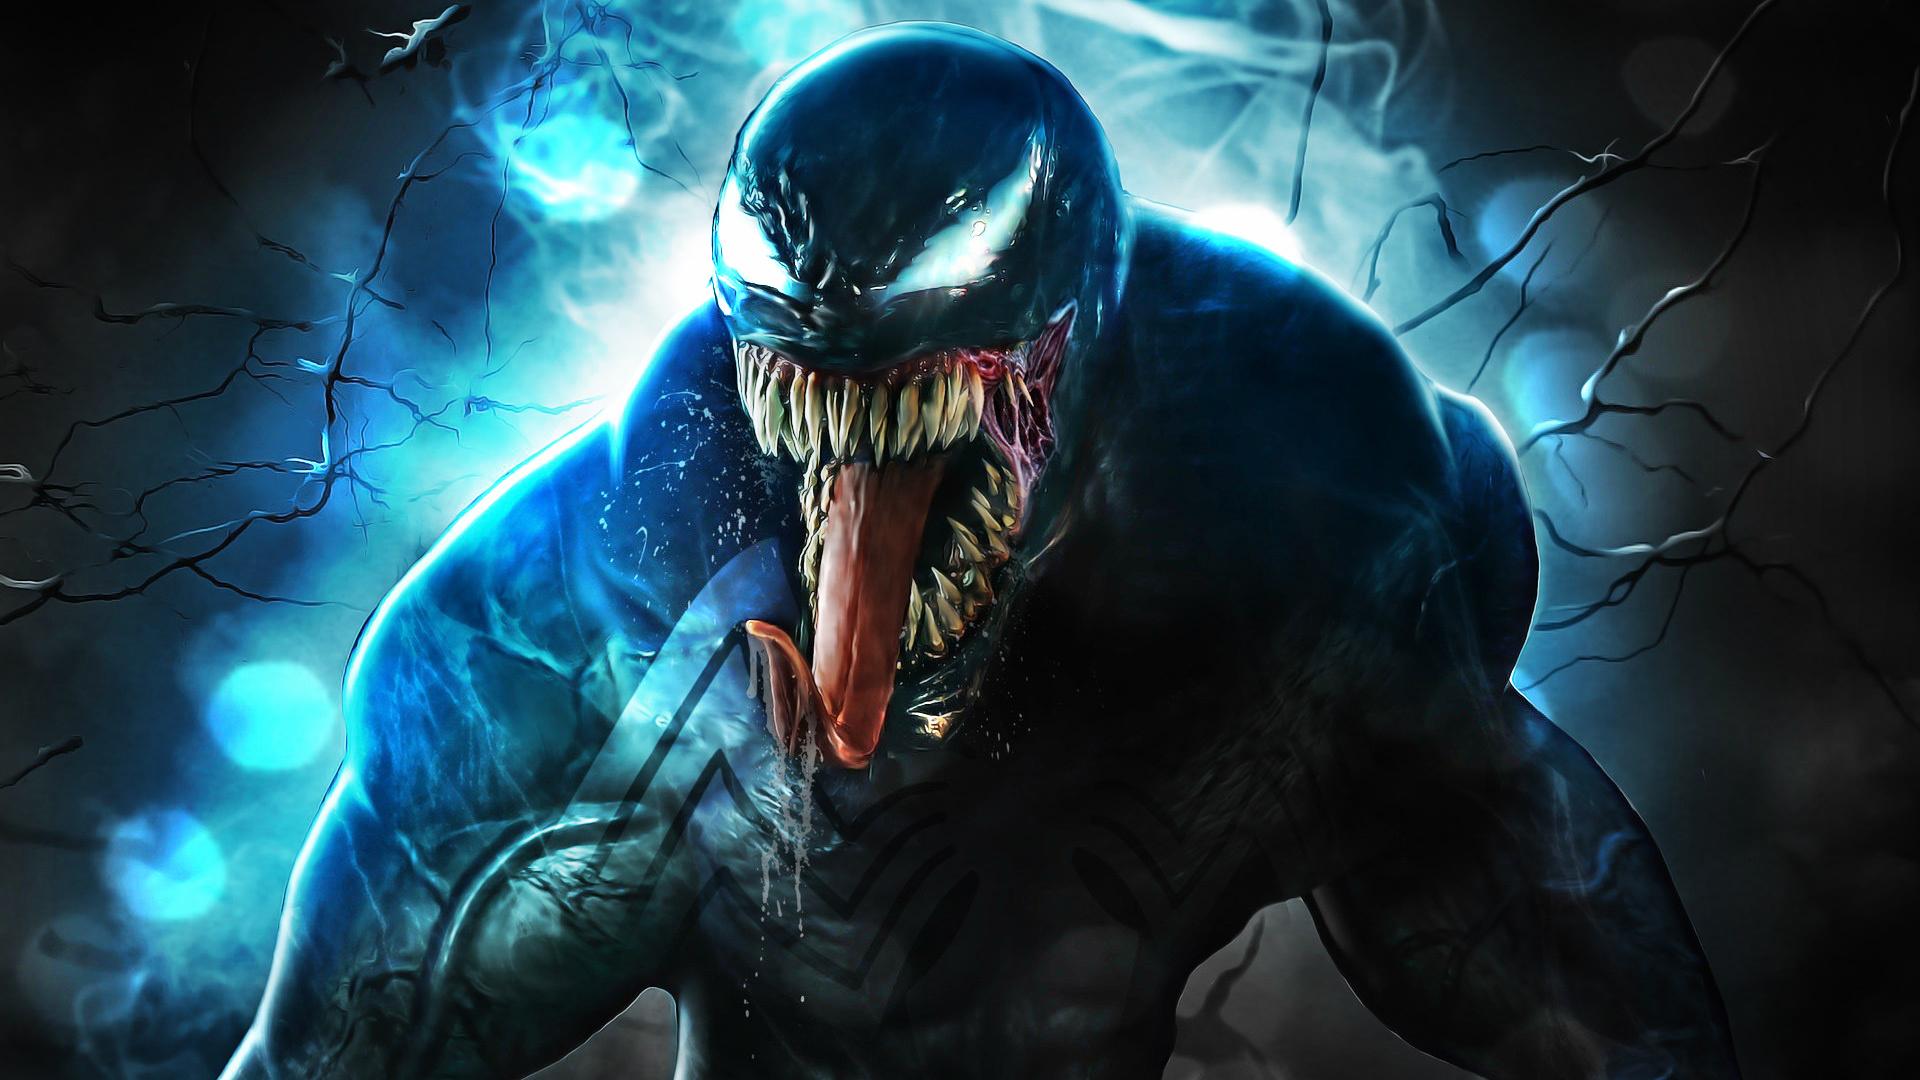 Tom Holland Spider Man Background